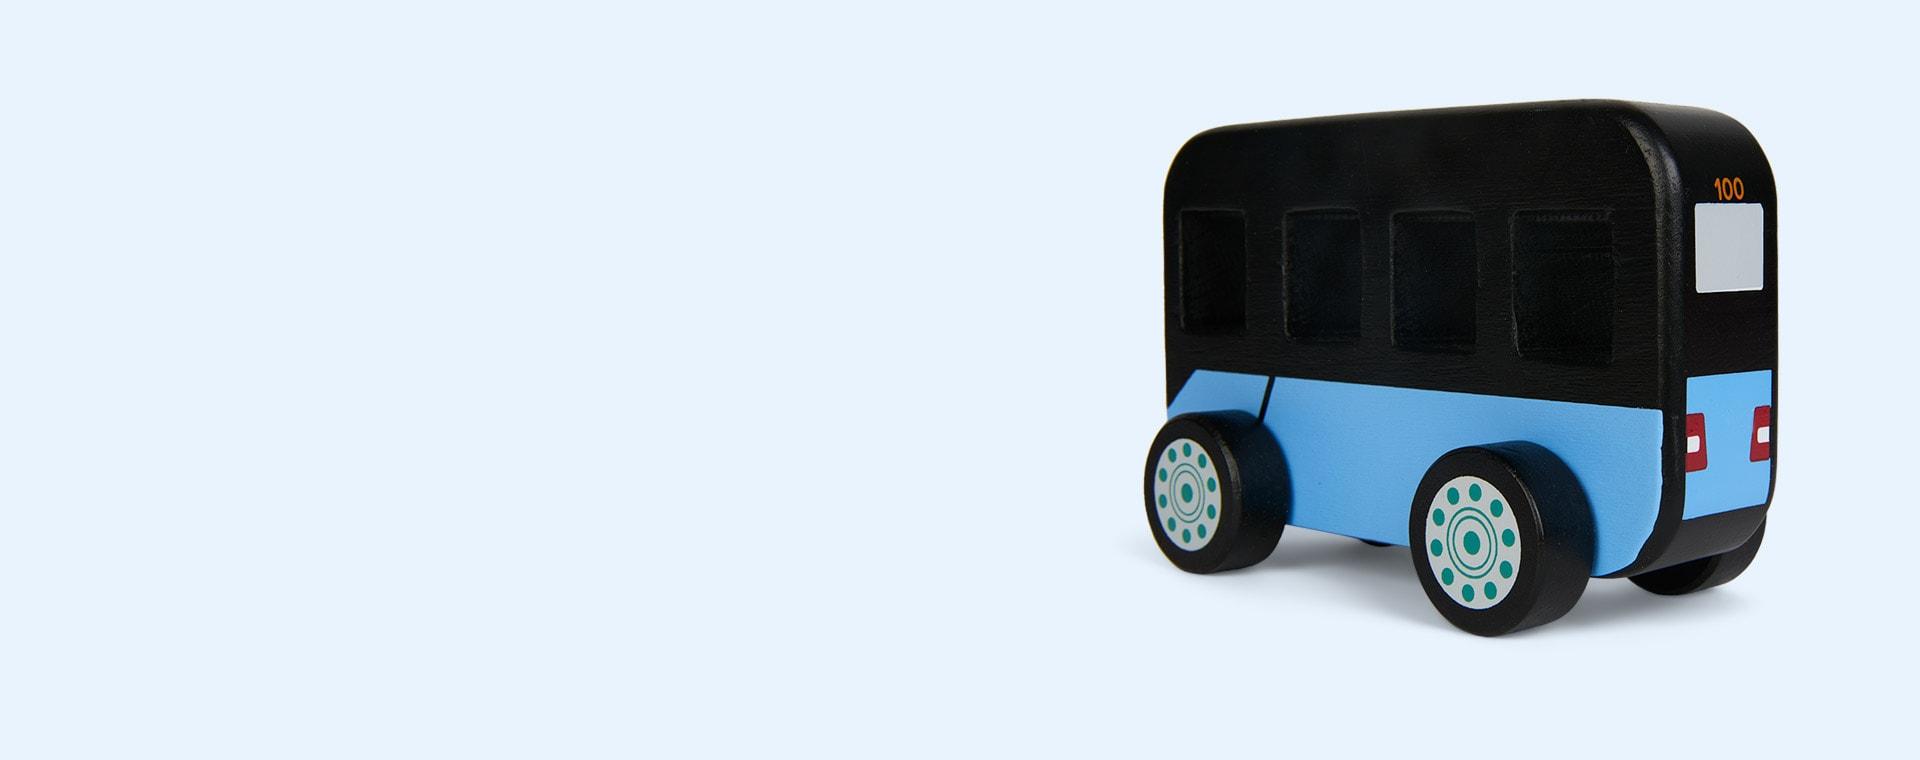 Black Kid's Concept City Bus